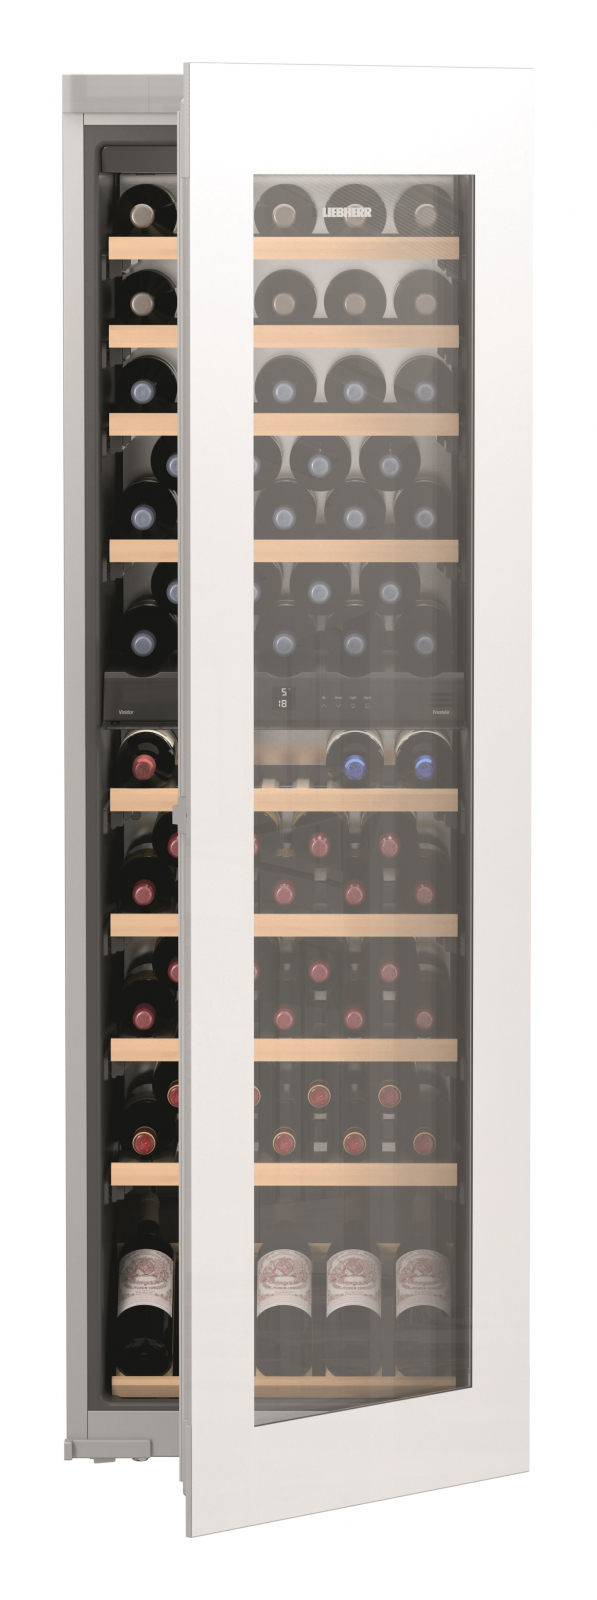 Встраиваемый винный шкаф Liebherr EWTgw 3583 купить украина